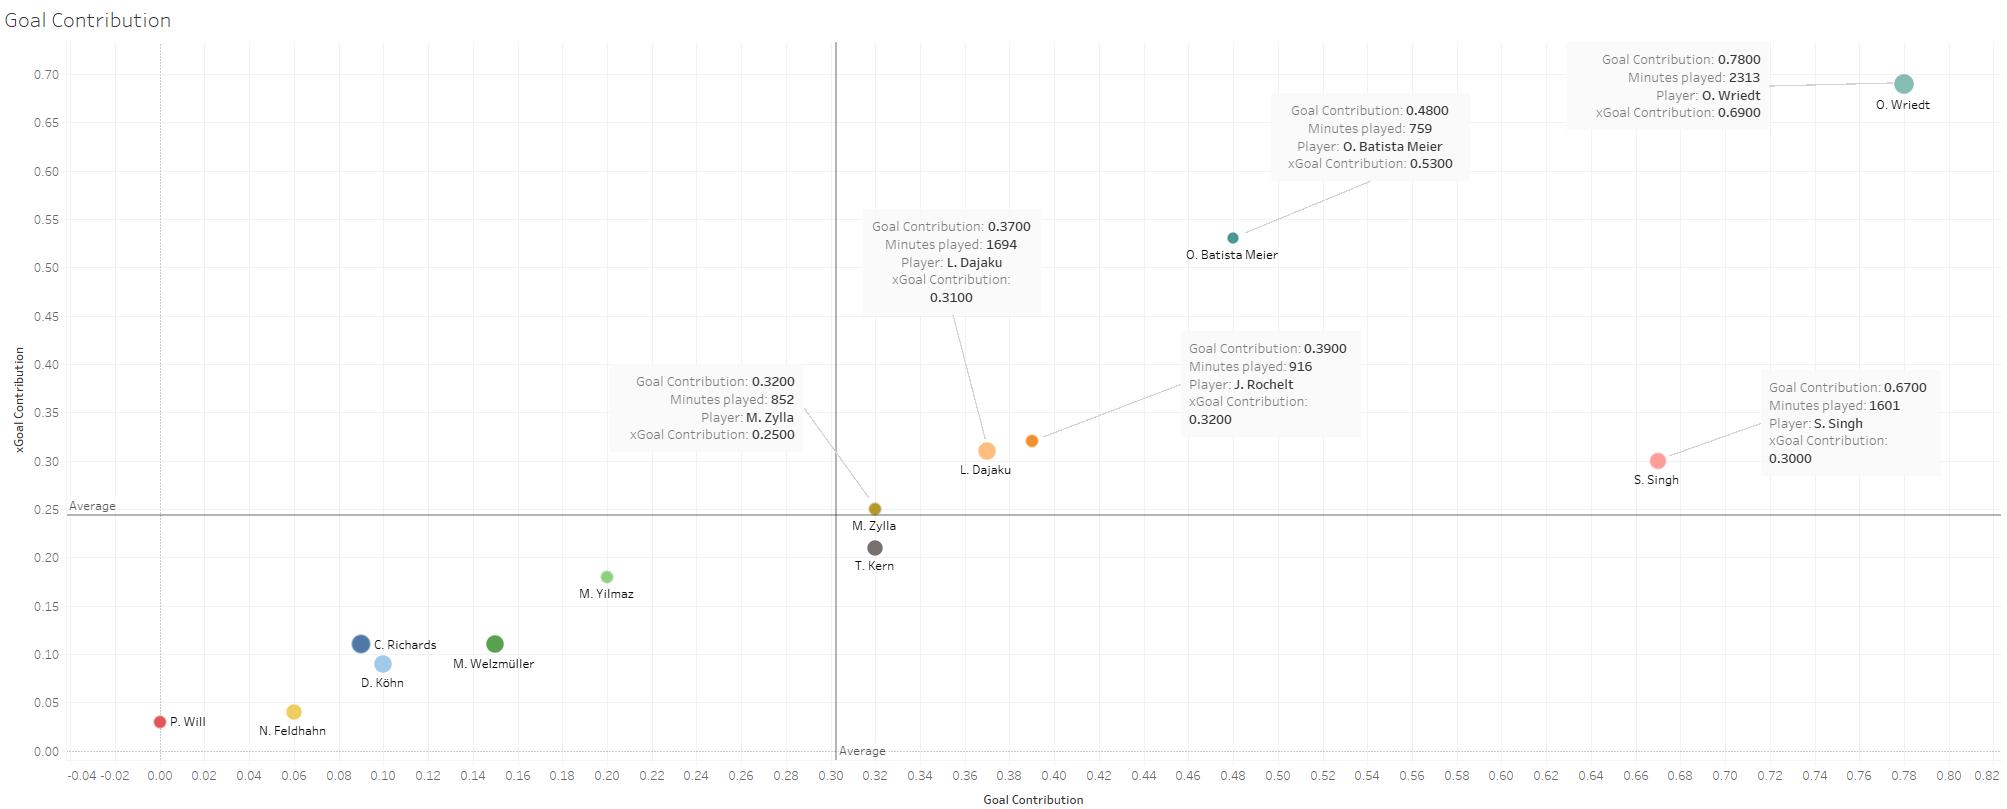 scouting Bayern Munich's academy - data analysis statistics